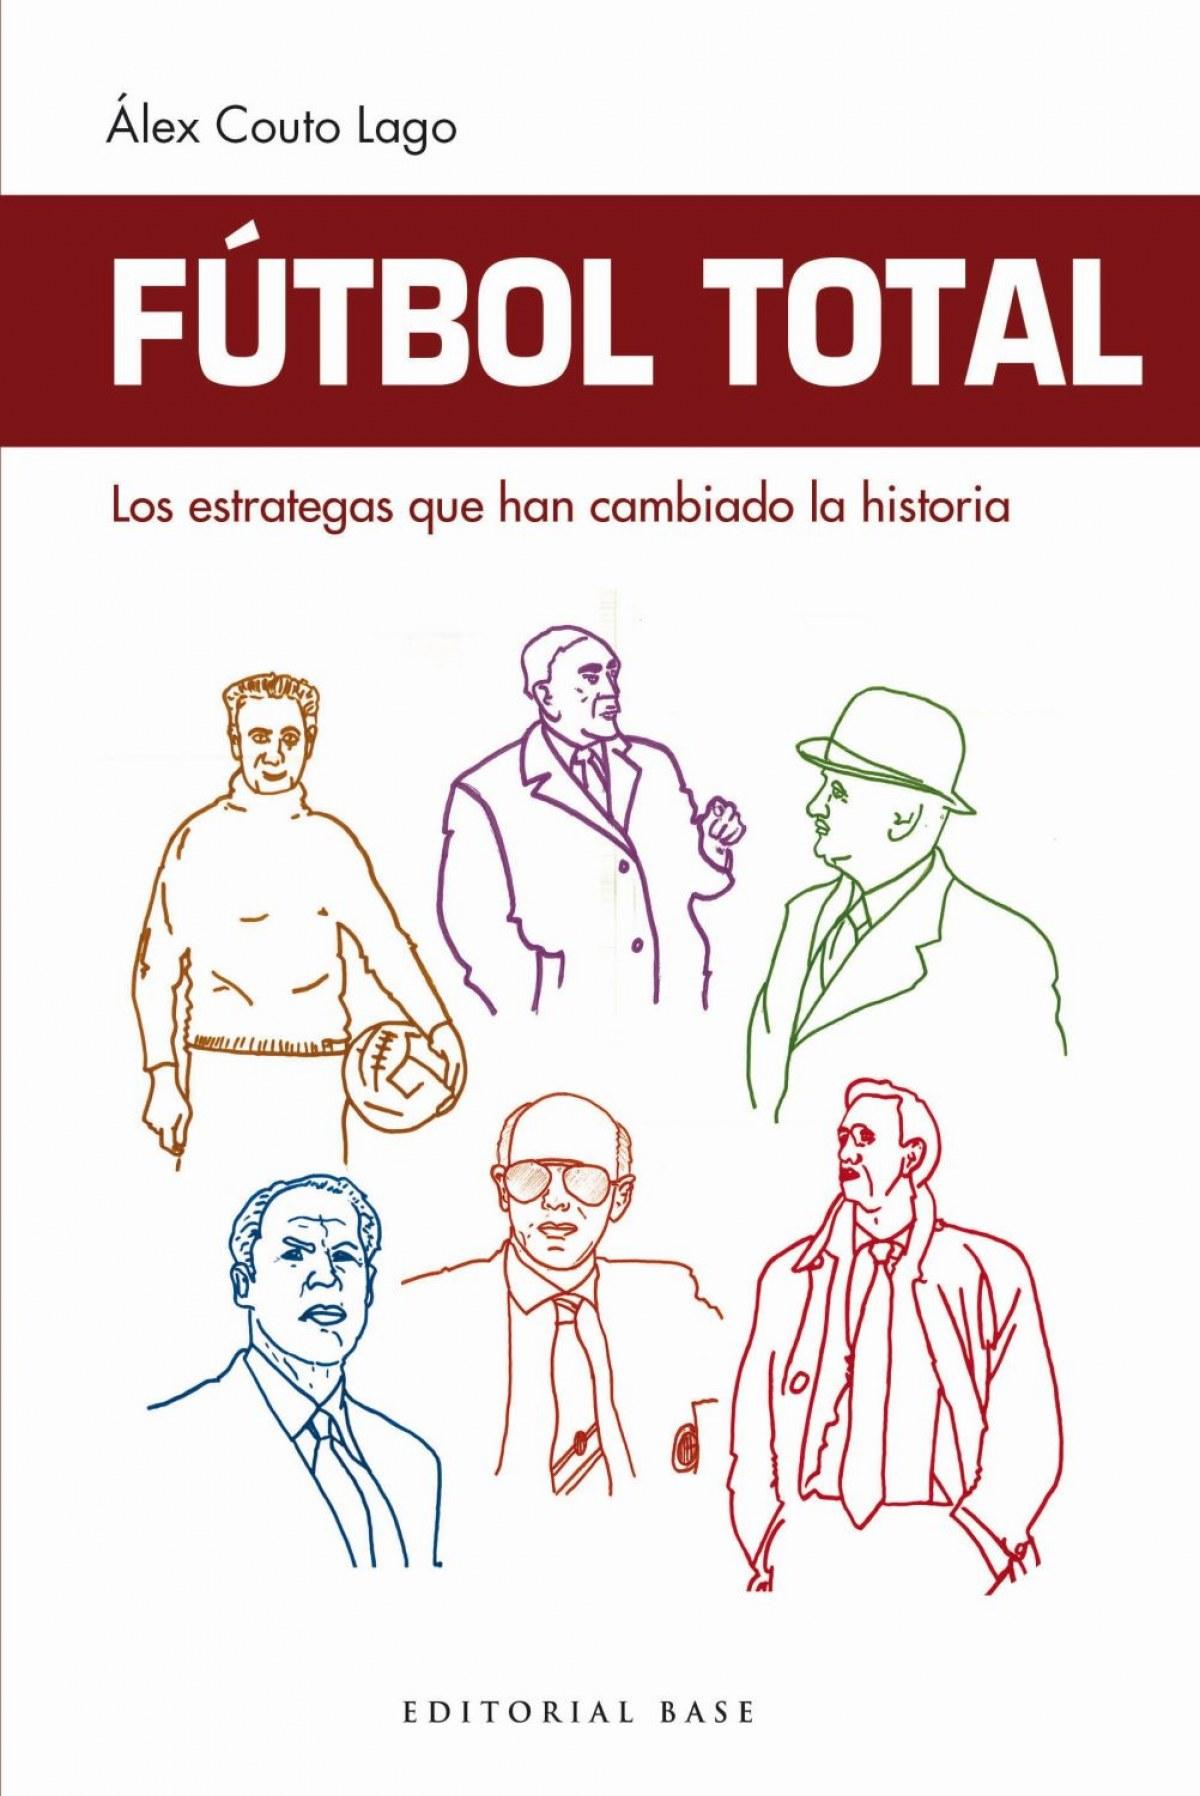 FÚTBOL TOTAL: LOS ESTRATEGAS QUE HAN CAMBIADO LA HISTORIA